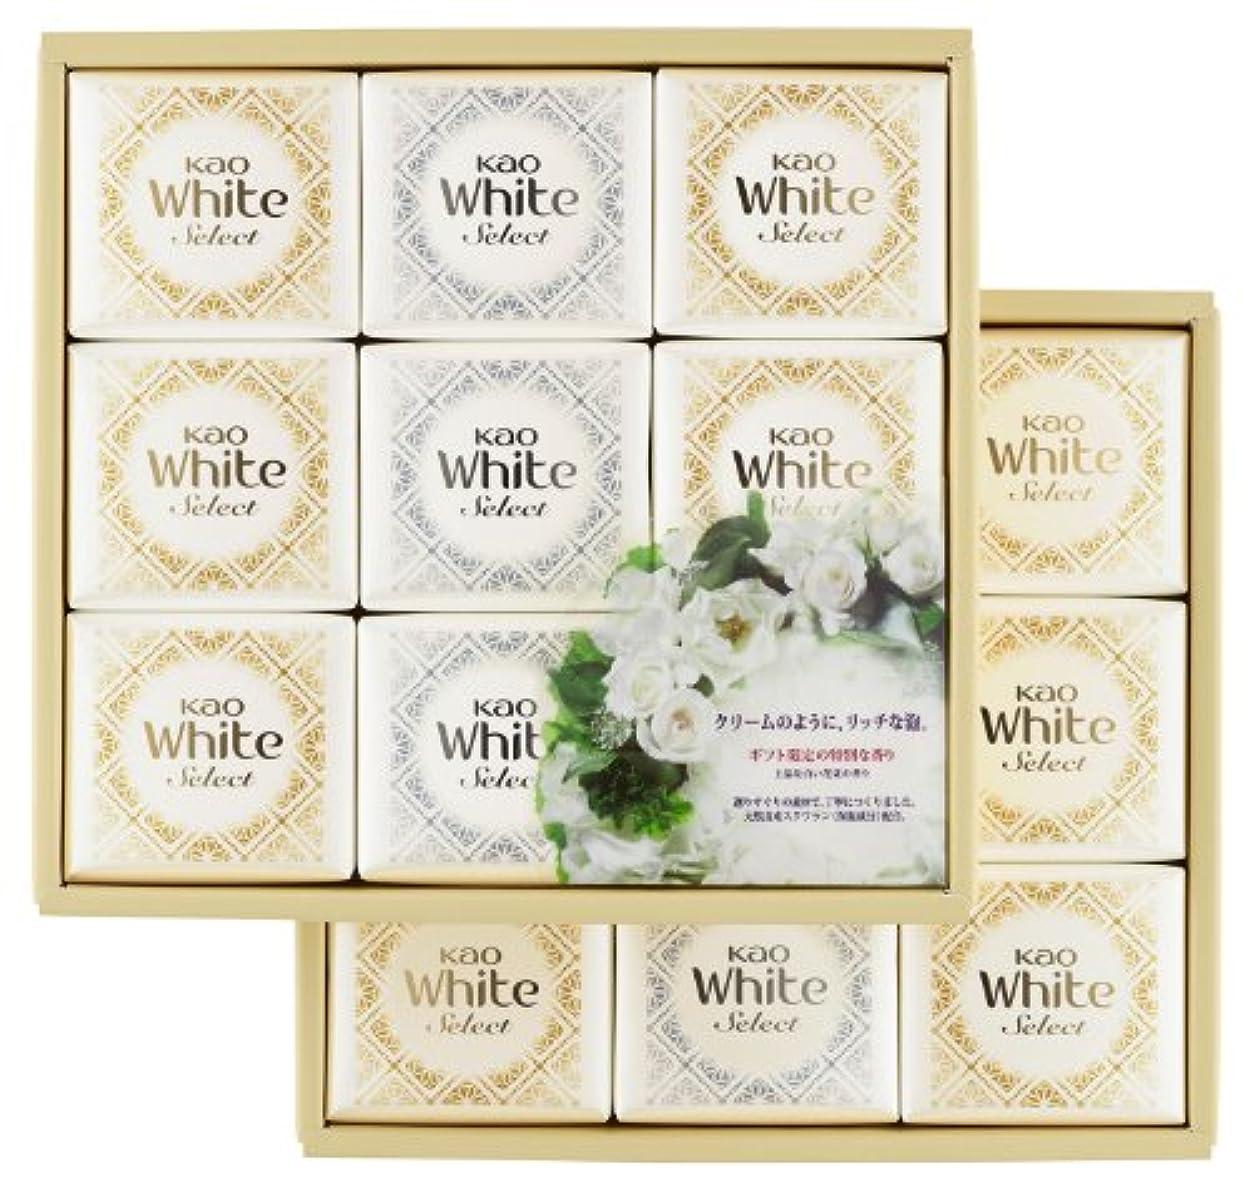 束専門知識含む花王ホワイト セレクト 上品な白い花束の香り 85g 18コ K?WS-30